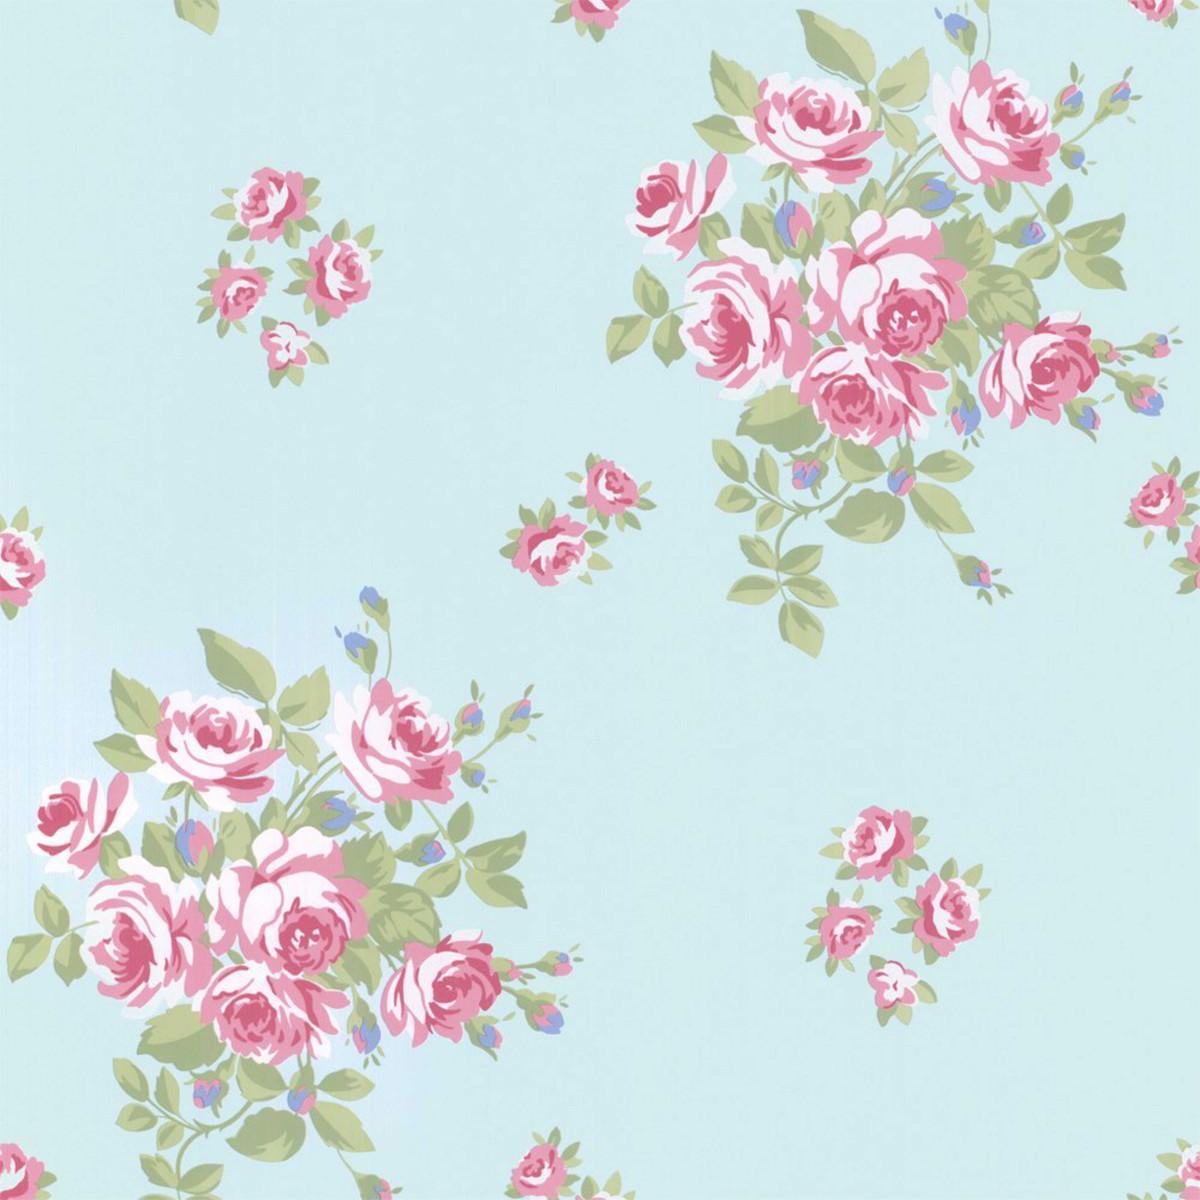 Iphone Vintage Flower Wallpaper Hd